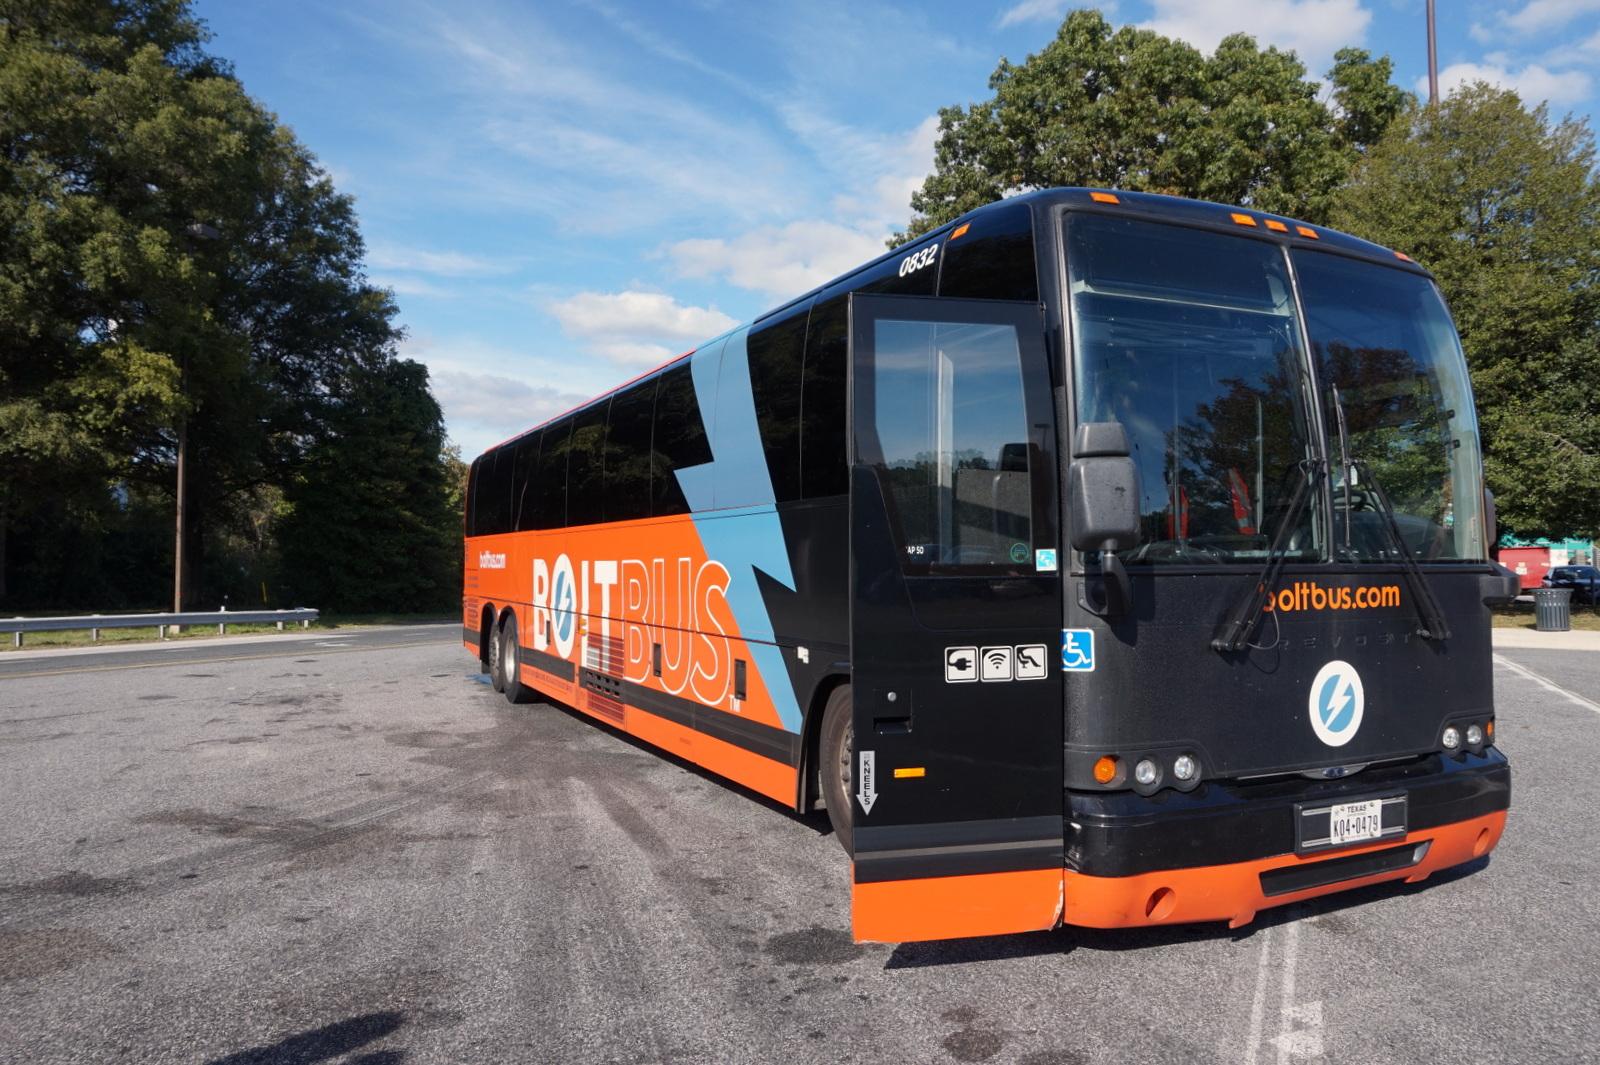 109ac9a8b59 Busse DC-sse ja mujalegi väljub mitmest kohast, meie valisime Boltbusi  mille üks bussipeatusi asub 33 str ja 11 Avenue nurgal Bussijaamu kui  selliseid seal ...